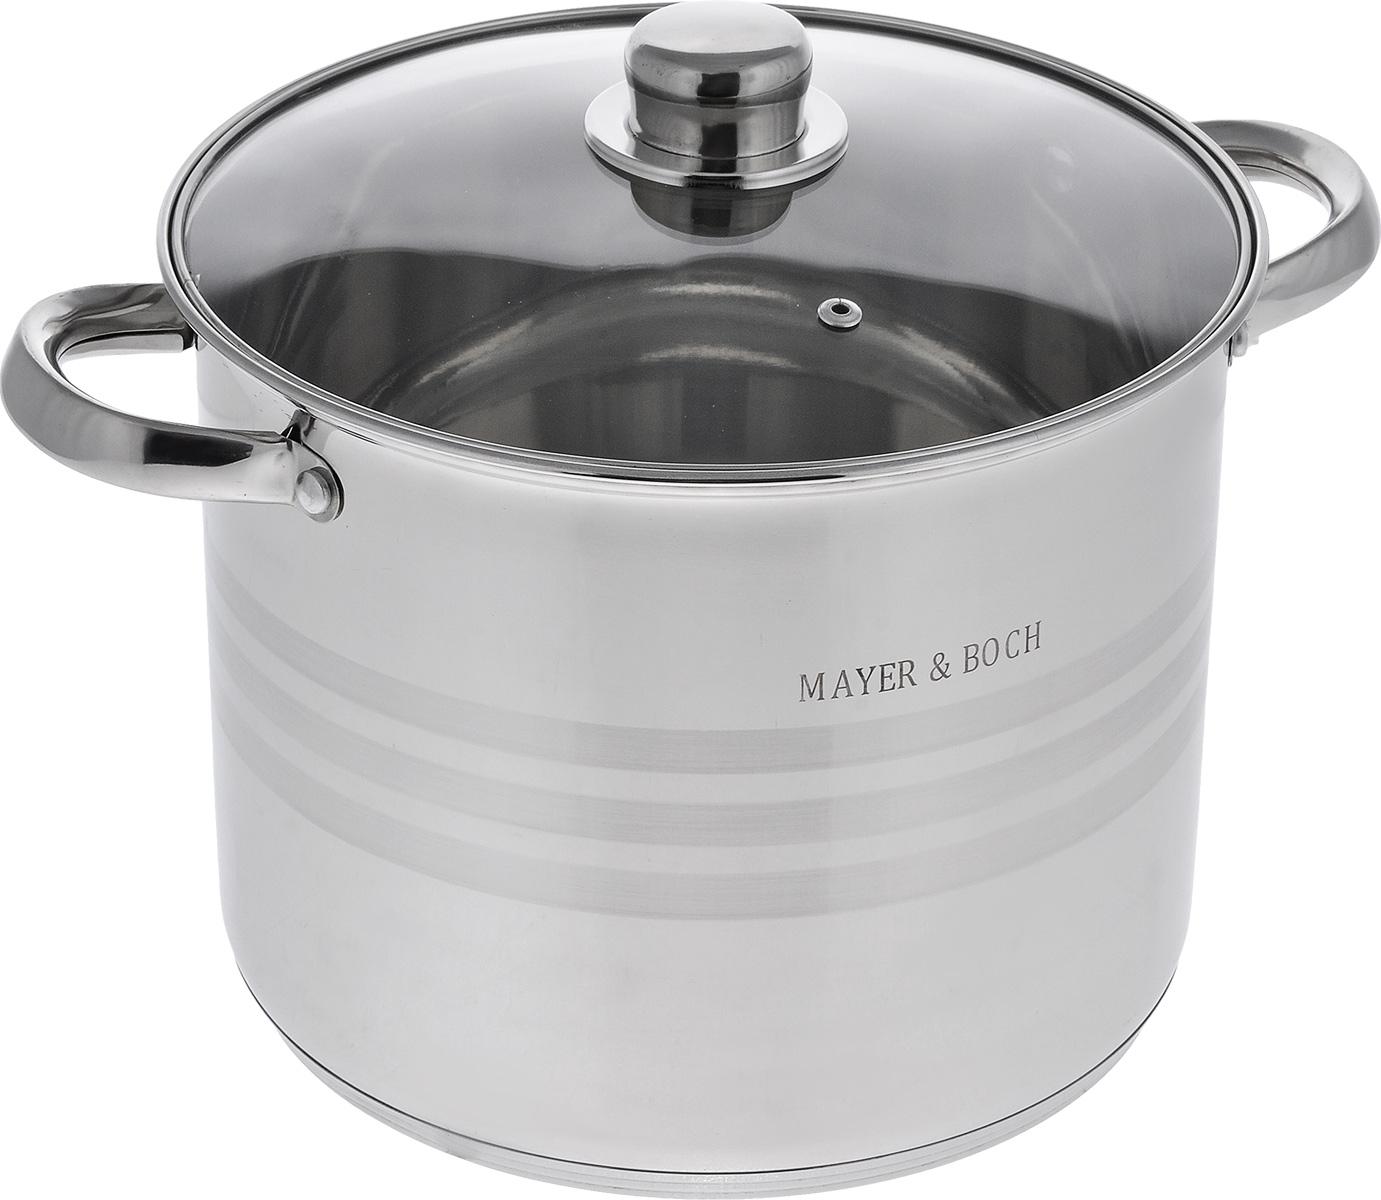 Кастрюля Mayer & Boch с крышкой, 6,8 лBK-7321 фруктыКастрюля Mayer & Boch изготовлена из высококачественной нержавеющей стали. Комбинацияматовой и зеркальной полировки внешнего покрытия придает изделию особо эстетичныйстильный вид. Изделие предназначено для здорового и экологичного приготовления пищи.Внутренняя гладкая поверхность легко чистится - можно мыть в воде руками или протиратьполотенцем. Кастрюля имеет многослойное термоаккумулирующее дно кастрюли с прослойкой из алюминия, которая обеспечивает наилучшее распределение тепла. Кастрюля оснащена двумя удобными ручками. Крышка из термостойкогостекла снабжена металлическим ободом, удобнойручкой и отверстием для выпуска пара. Такаякрышка позволяет следить за процессом приготовления пищи без потери тепла. Она плотноприлегает к краю кастрюли, сохраняя аромат блюд. Внутренние стенки кастрюли имеютотметки литража.Подходит для всех типов плит, включая индукционные. Не предназначена для СВЧ-печей. Можномыть в посудомоечной машине. Подходит для хранения пищи в холодильнике.Объем: 6,8 л.Диаметр по верхнему краю: 23,5 см.Высота стенки: 20 см. Ширина с учетом ручек: 30,5 см.